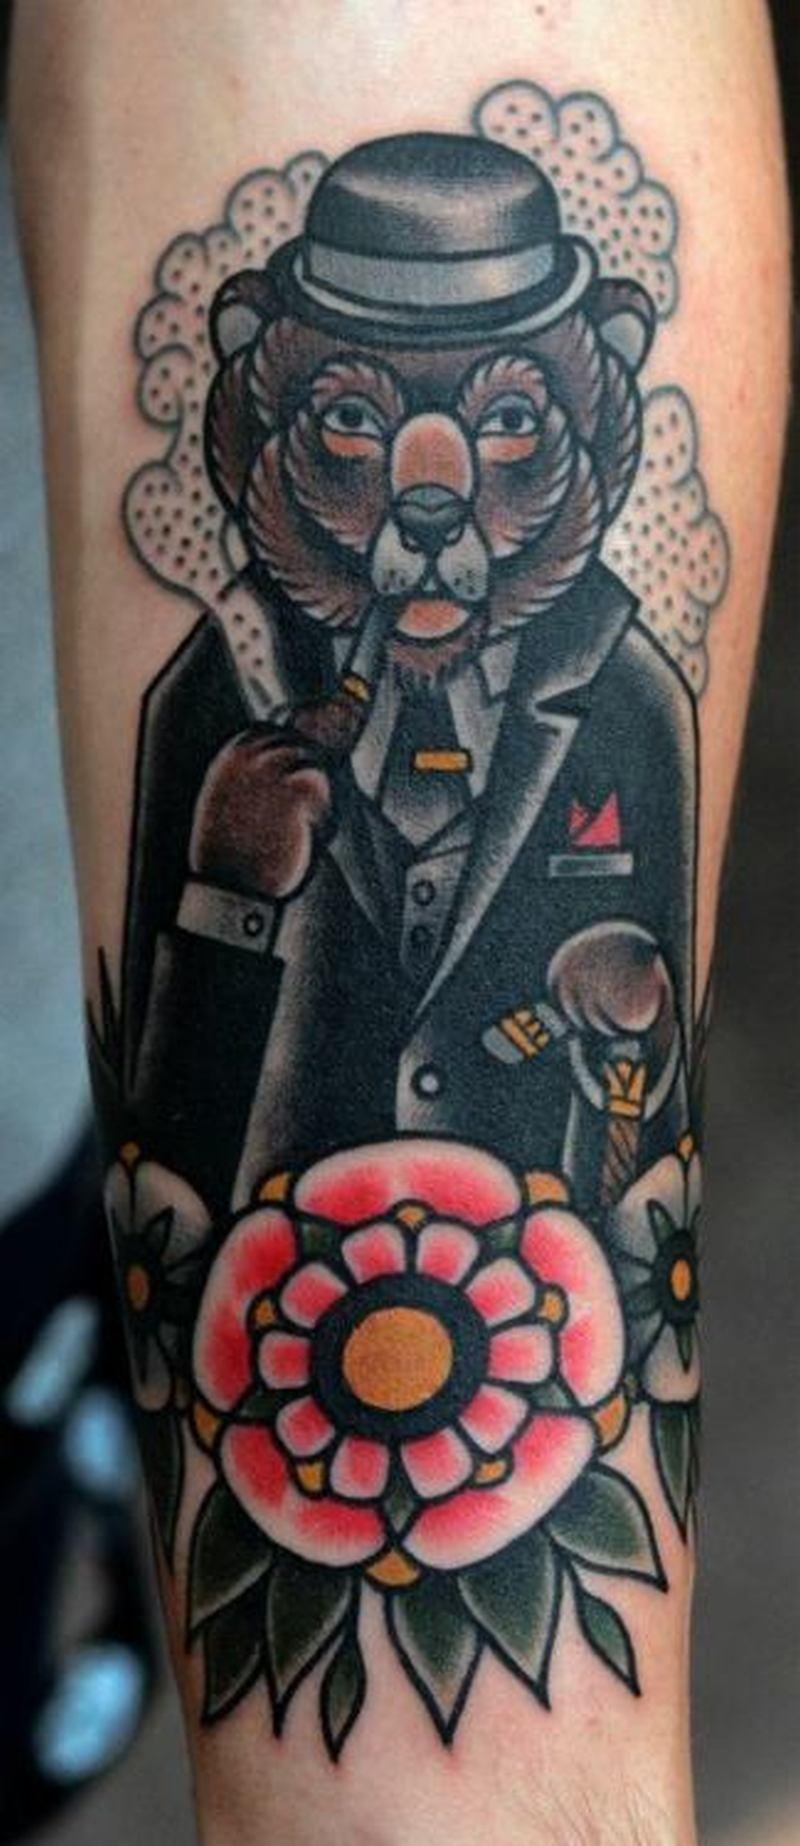 Gentleman bear tattoo design